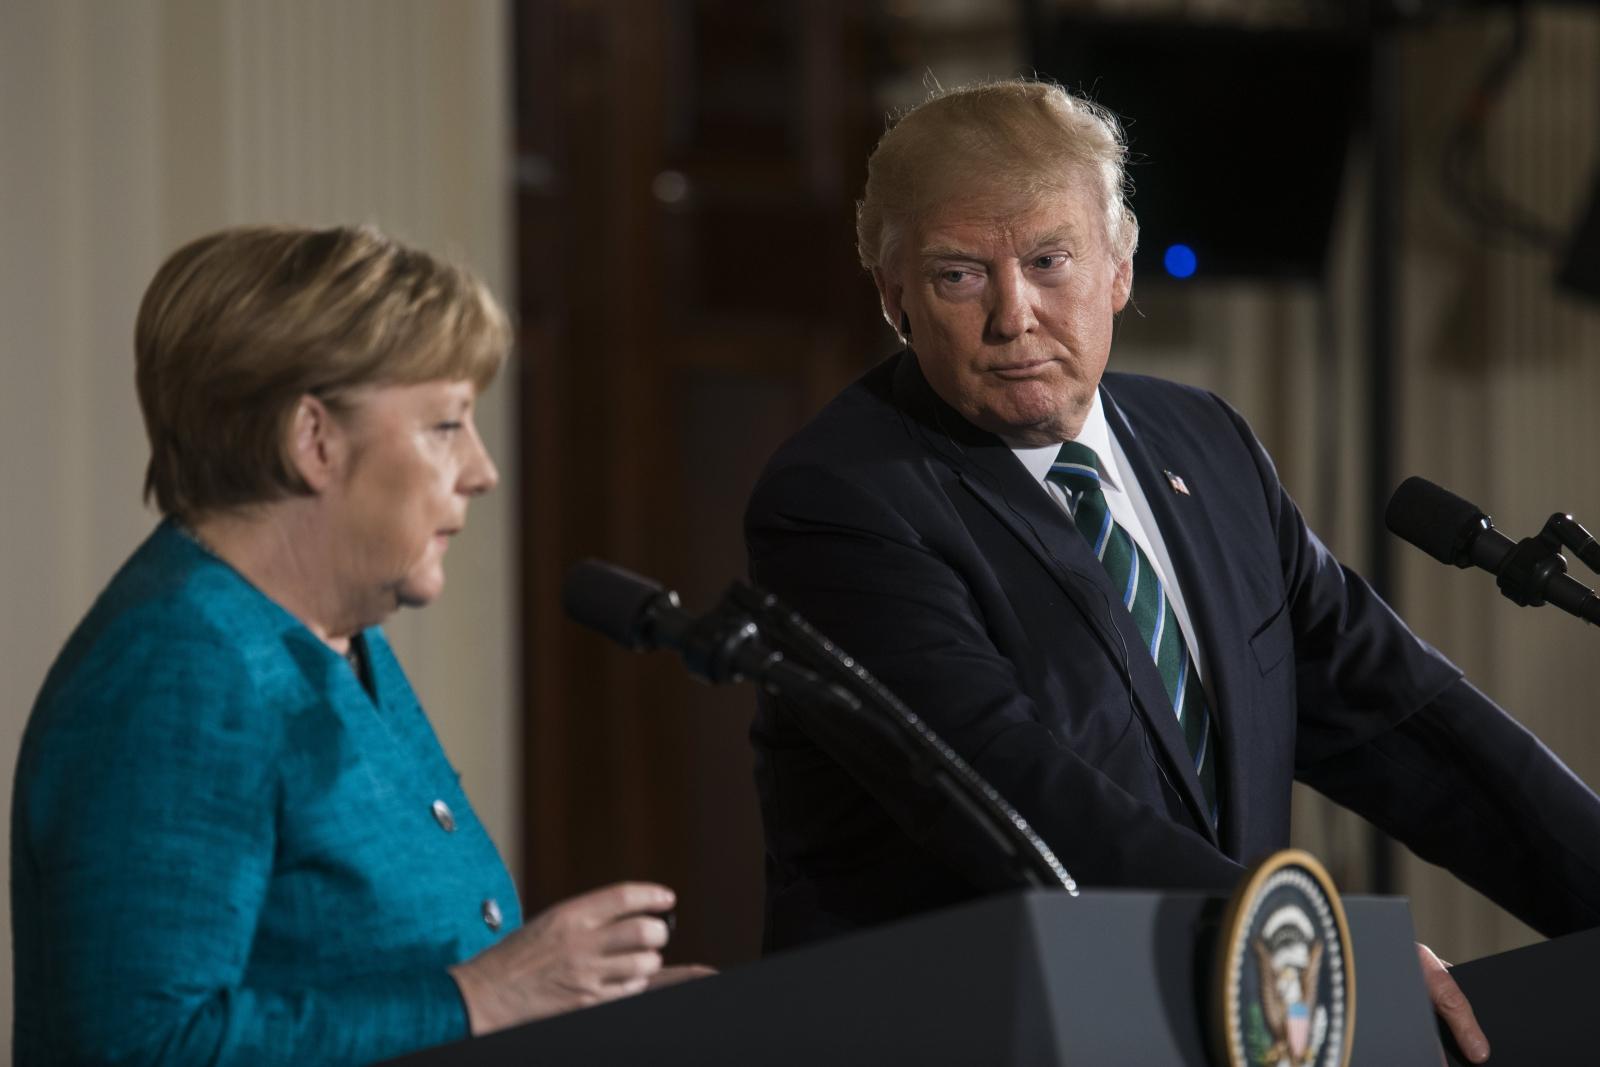 Prezydent USA Donald Trump spotkał się z kanclerz Niemiec Angelą Merkel. Fot. PAP/EPA/JIM LO SCALZO